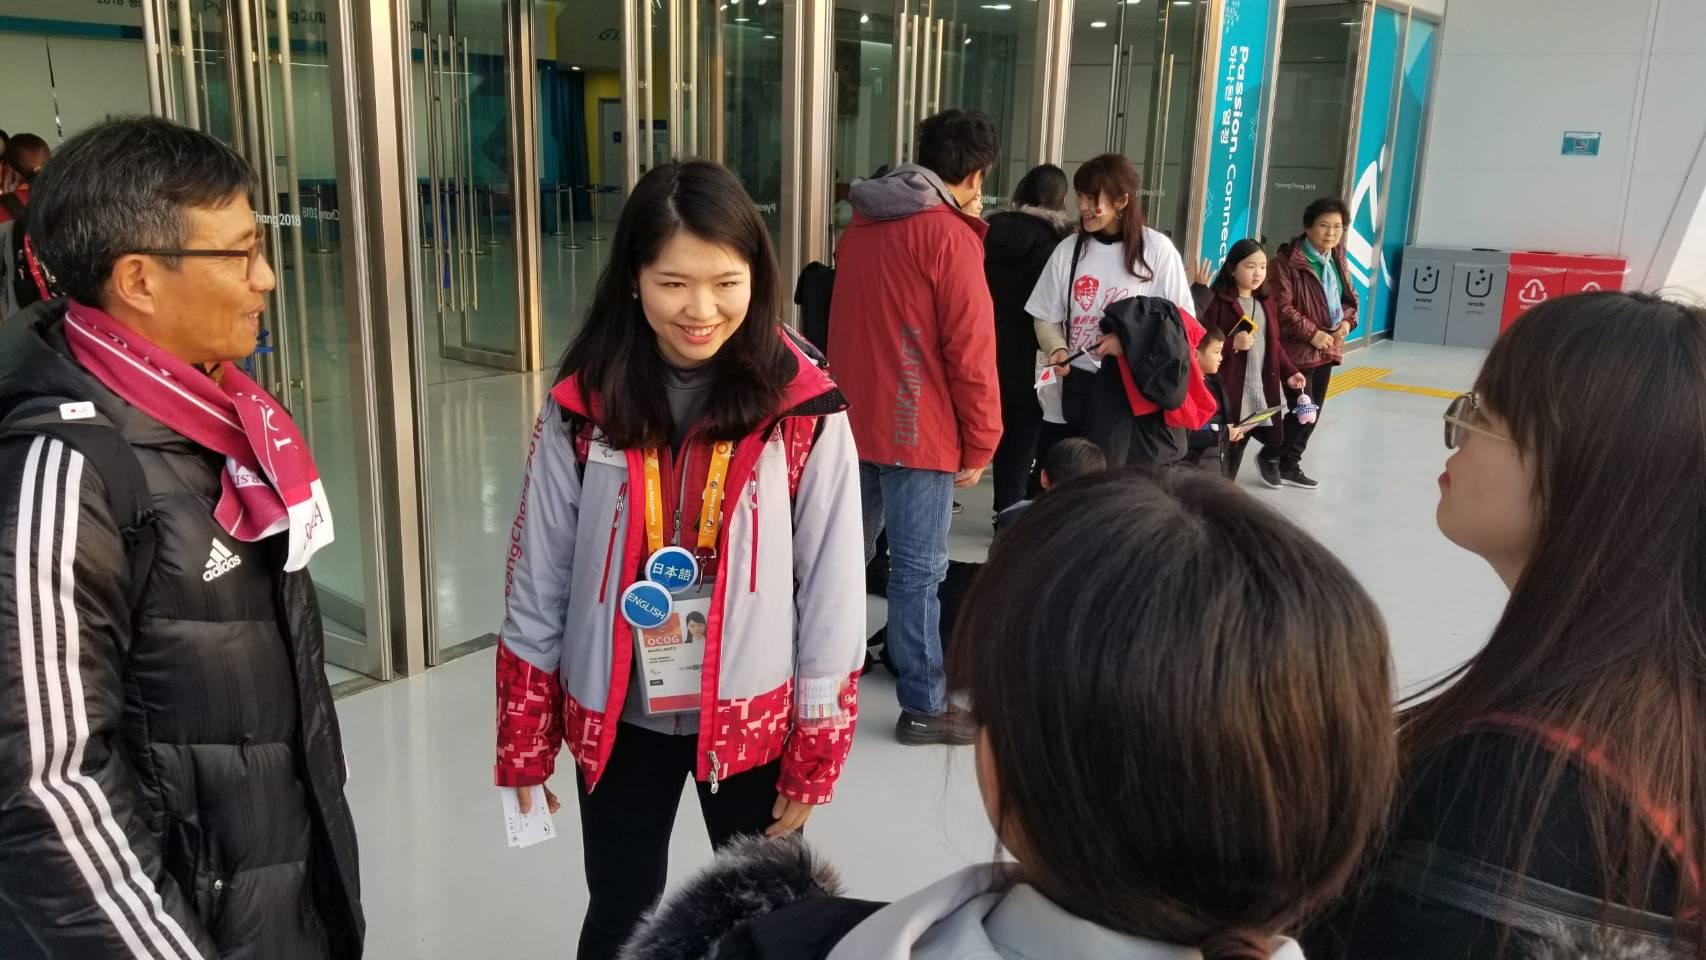 ボランティアとして参加している英語学科4年の学生と現地で合流!